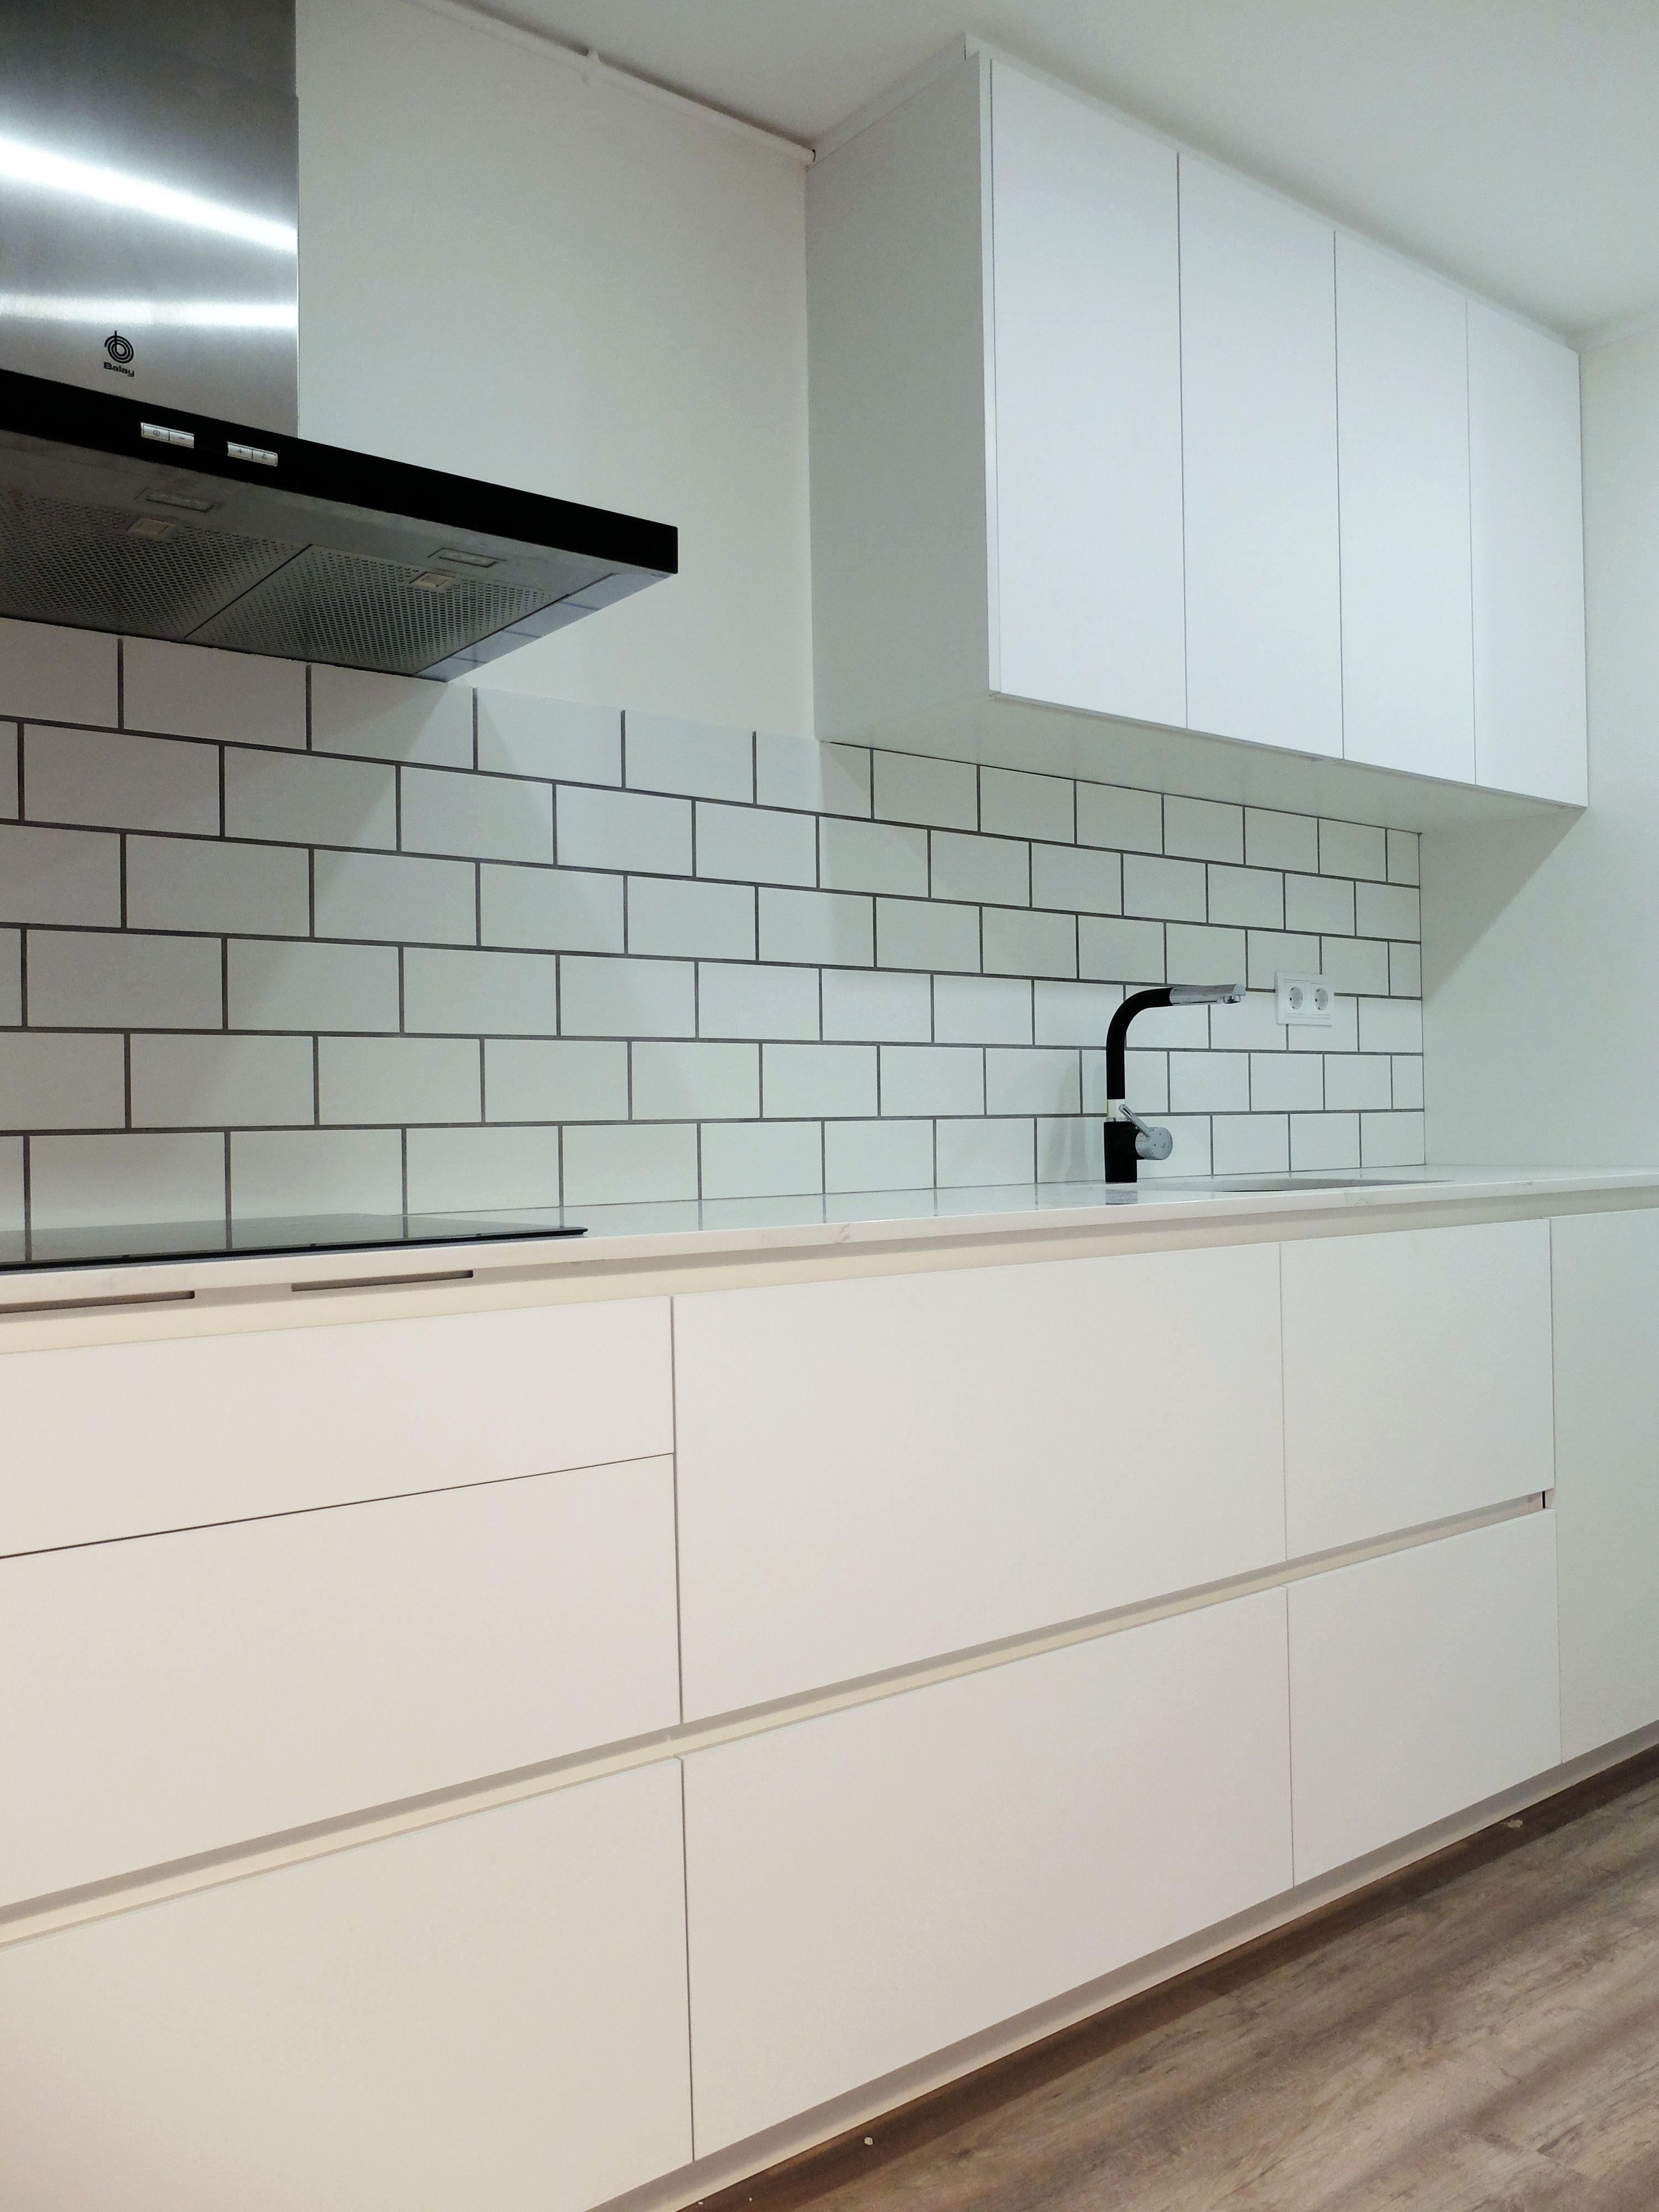 Reforma de cocina blanca con frontal de azulejo - Accesible reformas ...